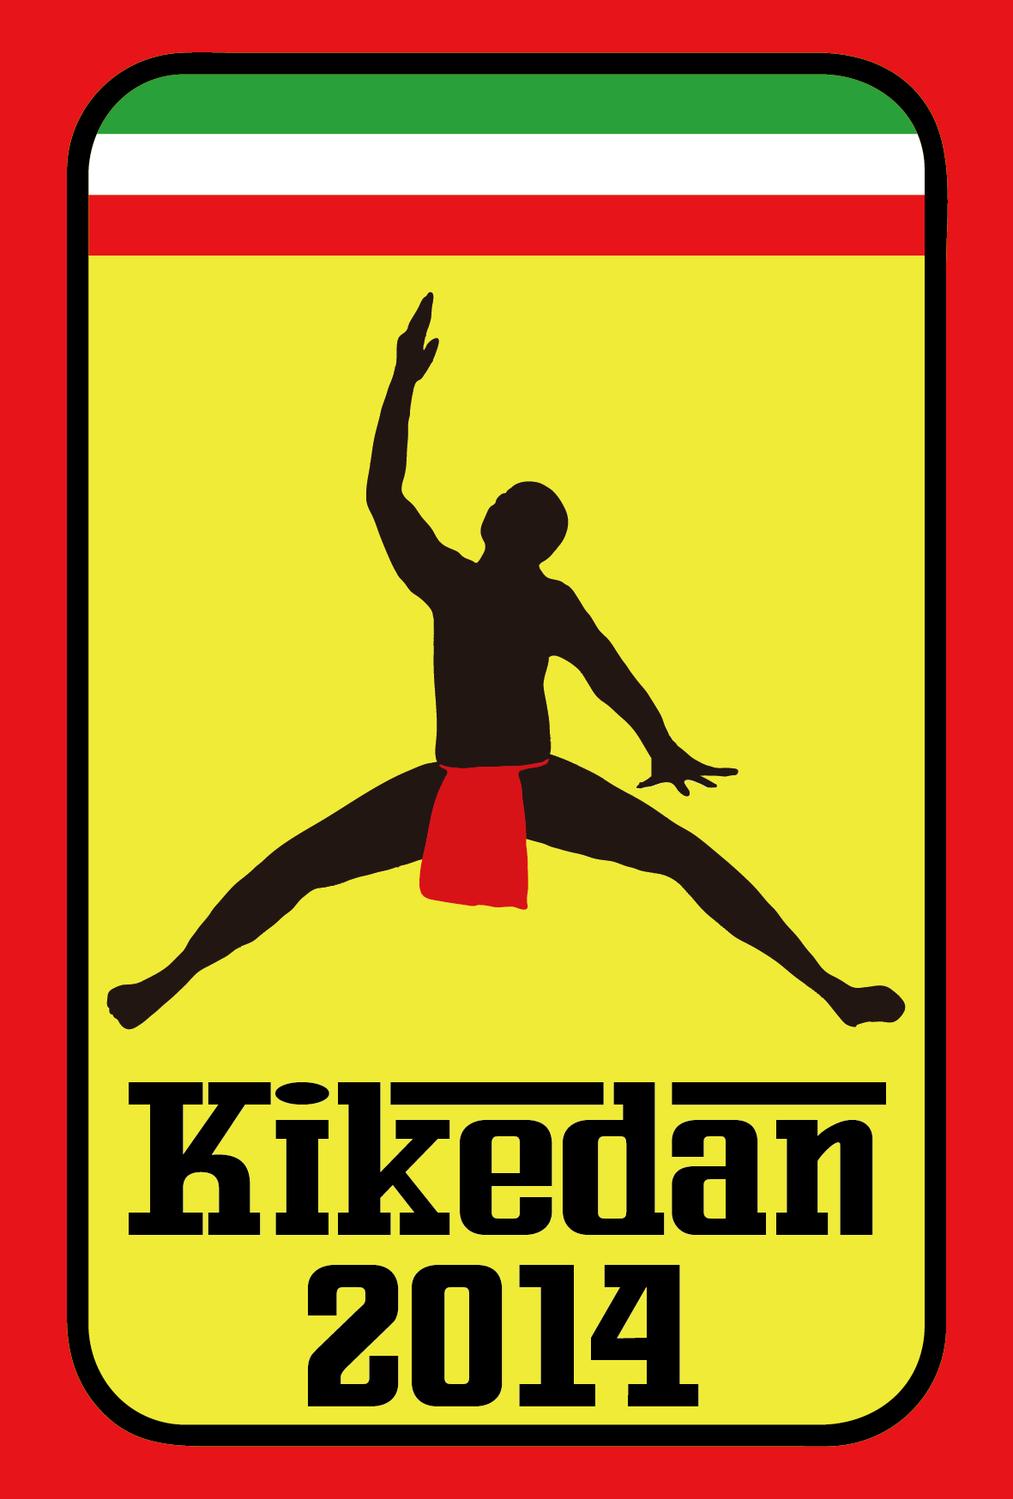 KIKEDAN2014